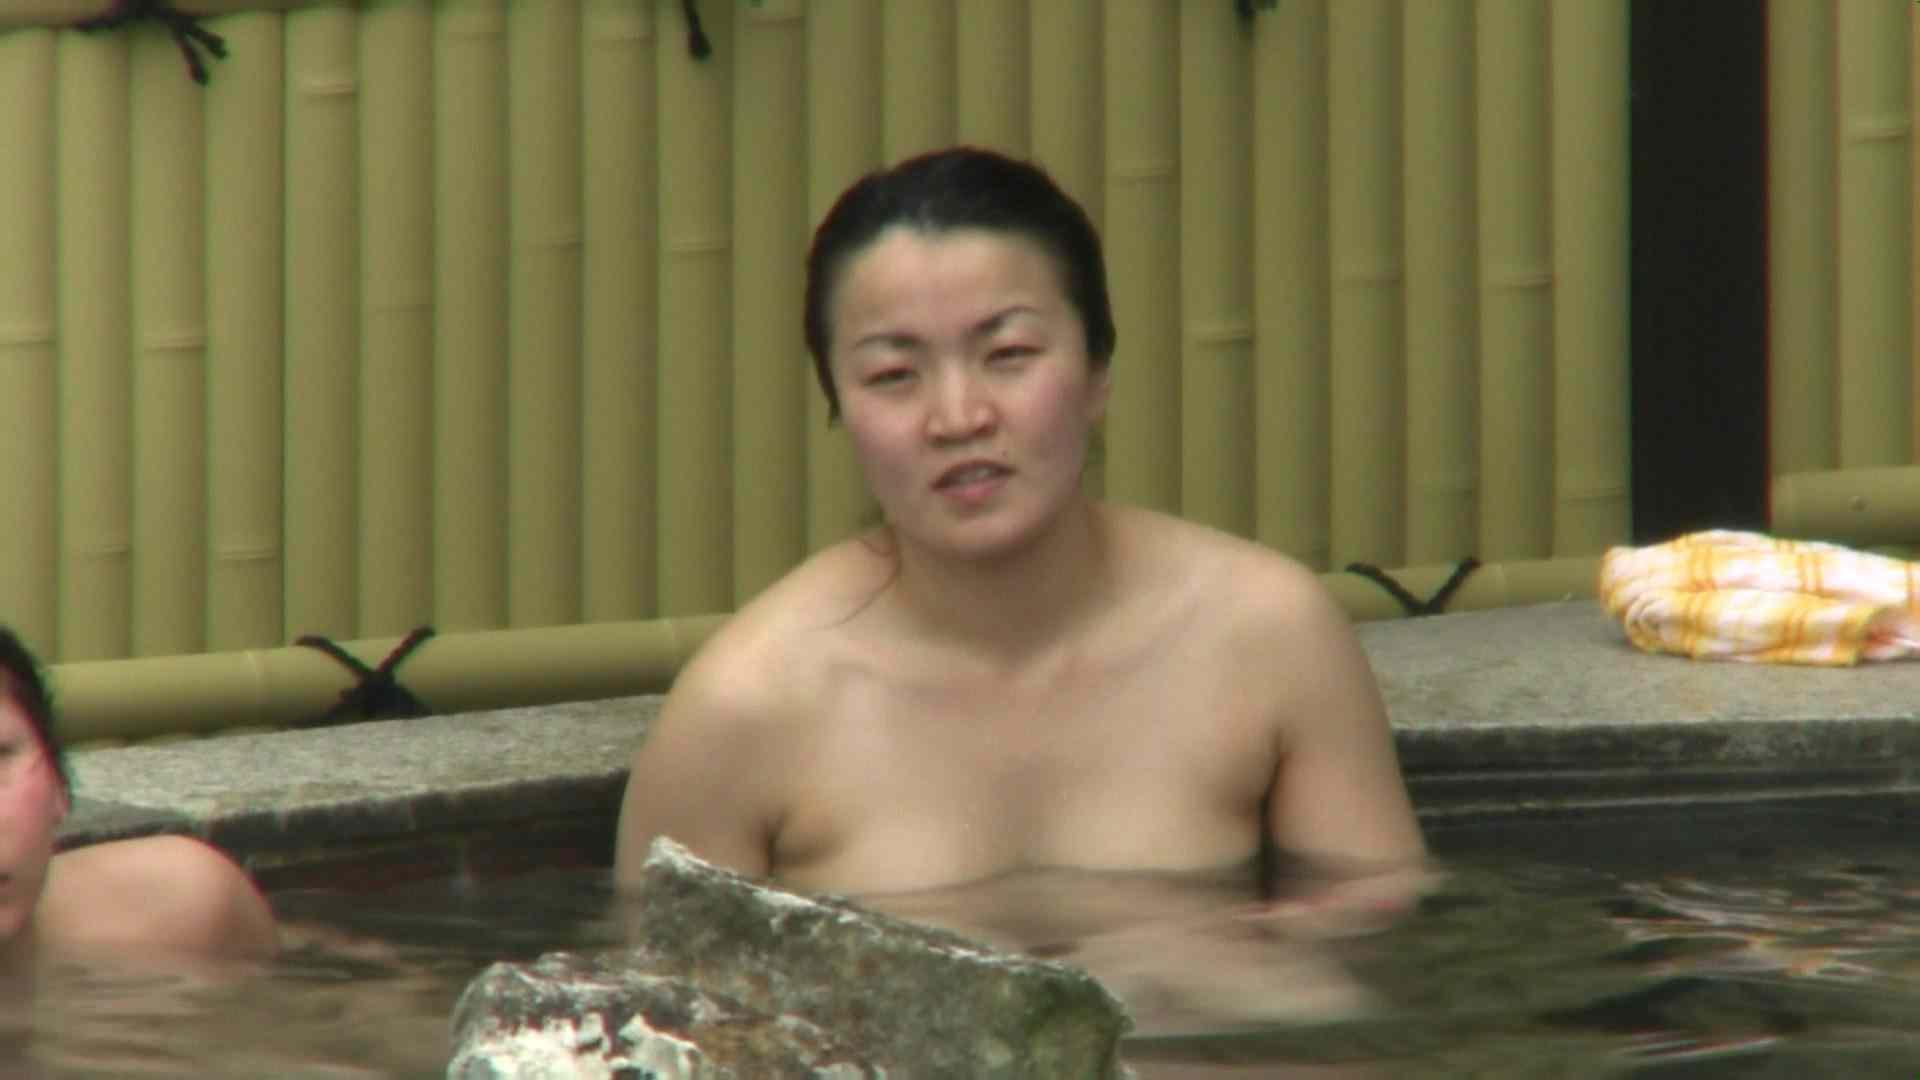 Aquaな露天風呂Vol.66【VIP限定】